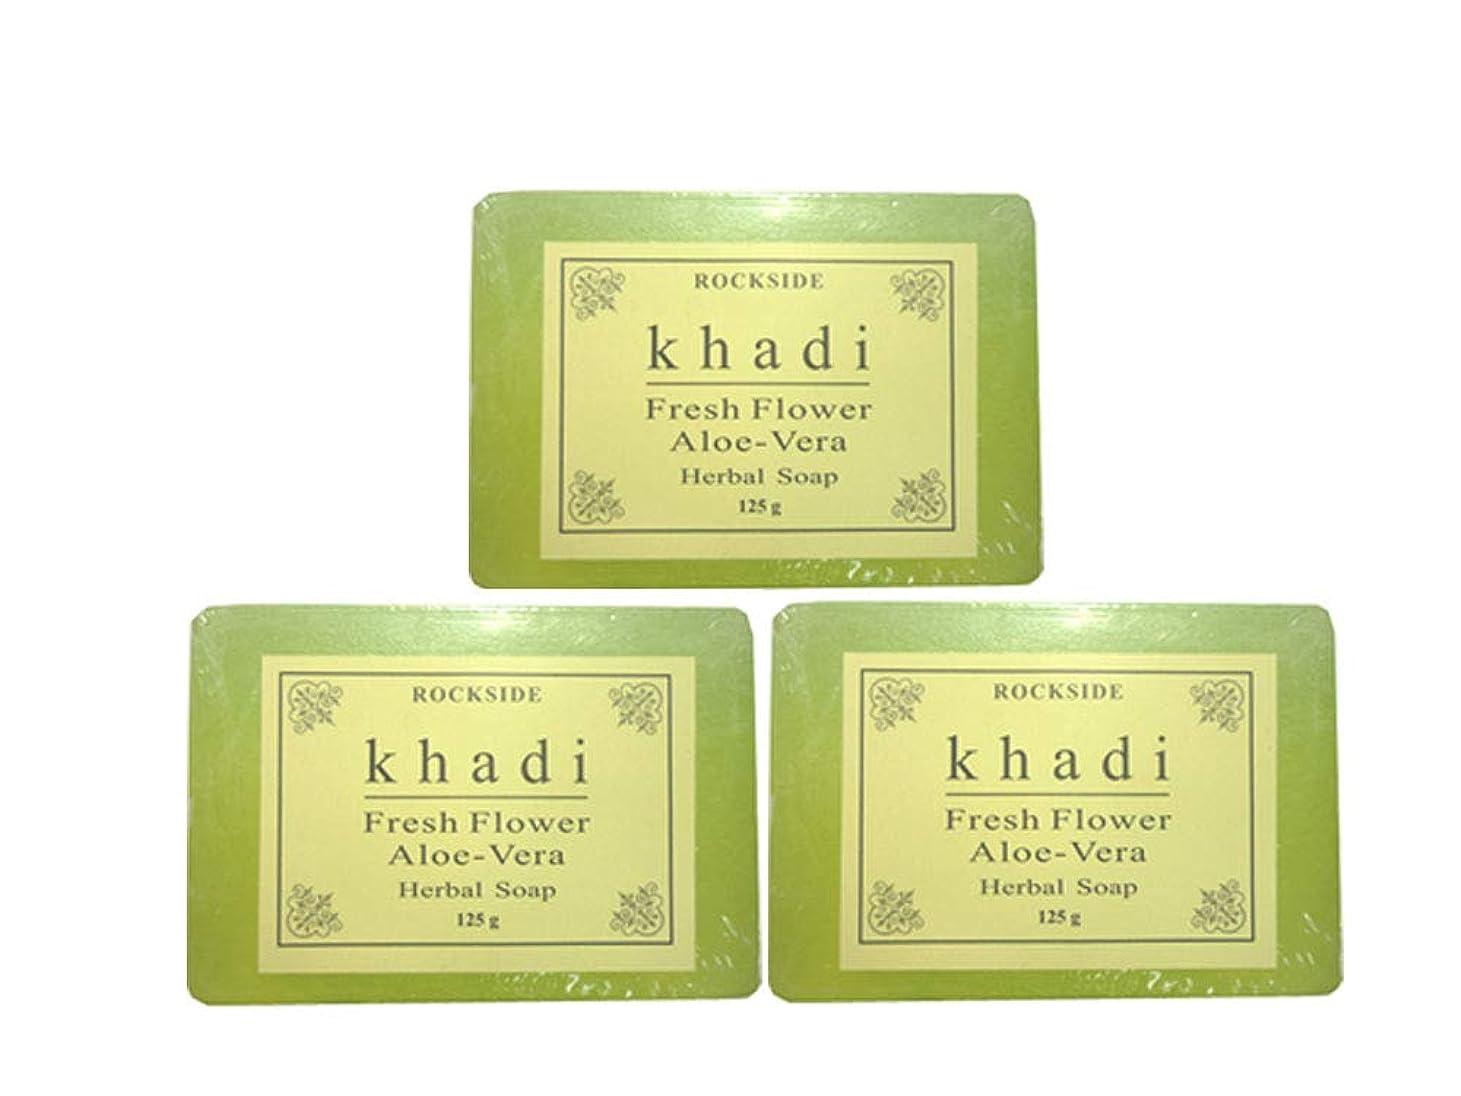 オートラウンジ創造手作り  カーディ フレッシュフラワー2 ハーバルソープ Khadi Fresh Flower Aloe-Vera Herbal Soap 3個SET